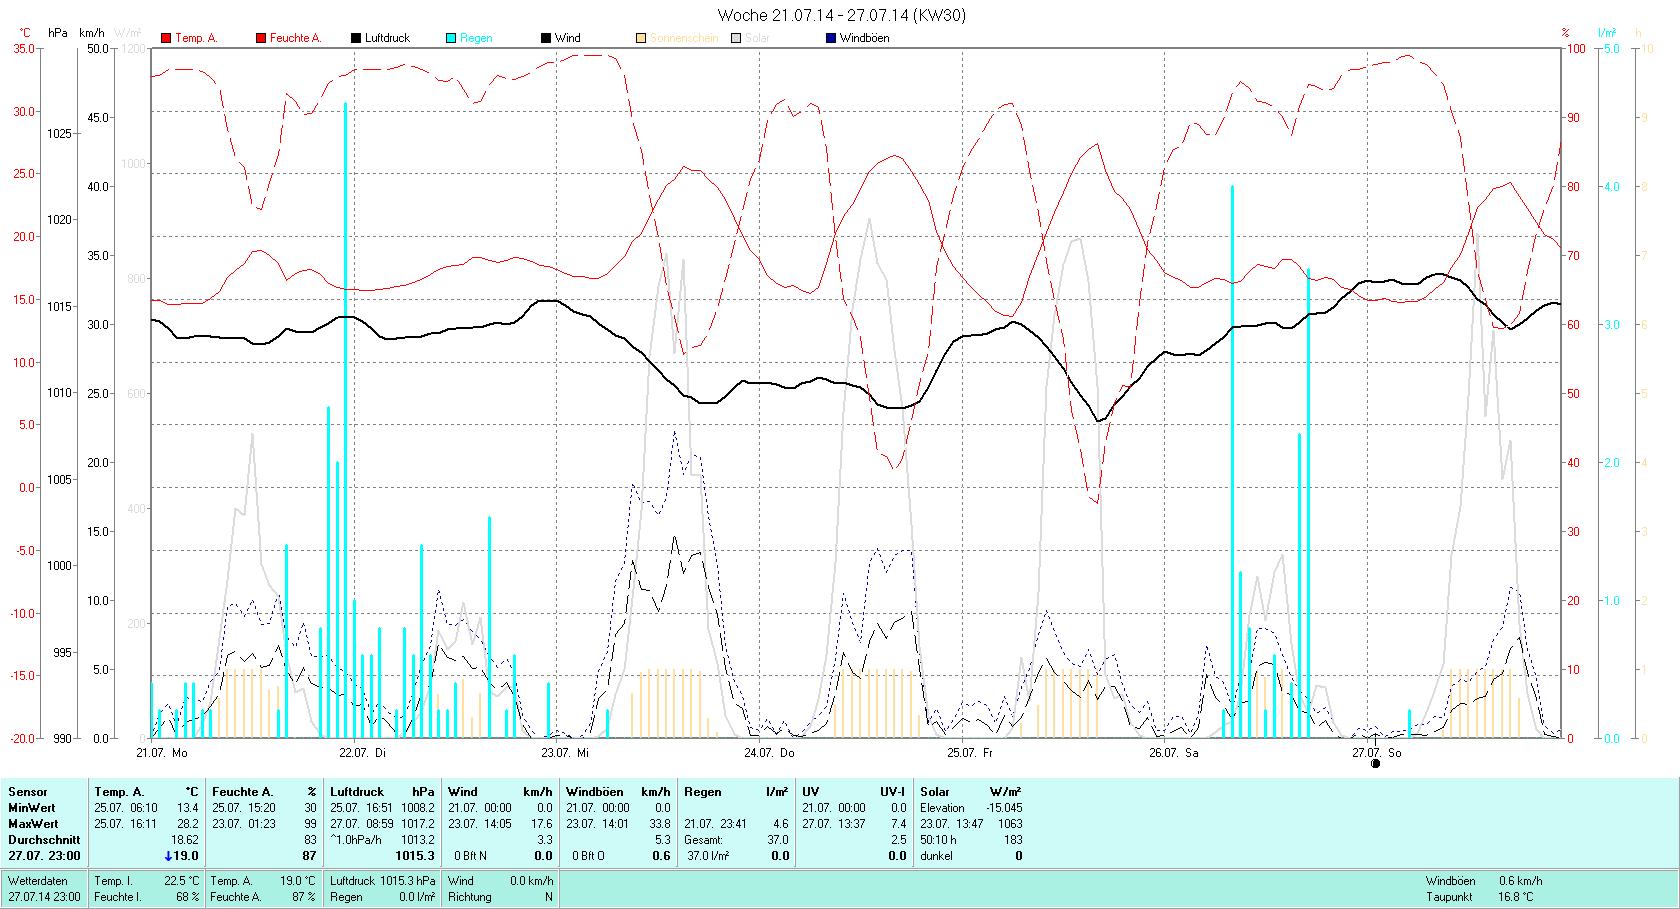 KW 30 Tmin 13.4°C, Tmax 28.2°C, Sonne 50:10h, Niederschlag 37.0mm/2